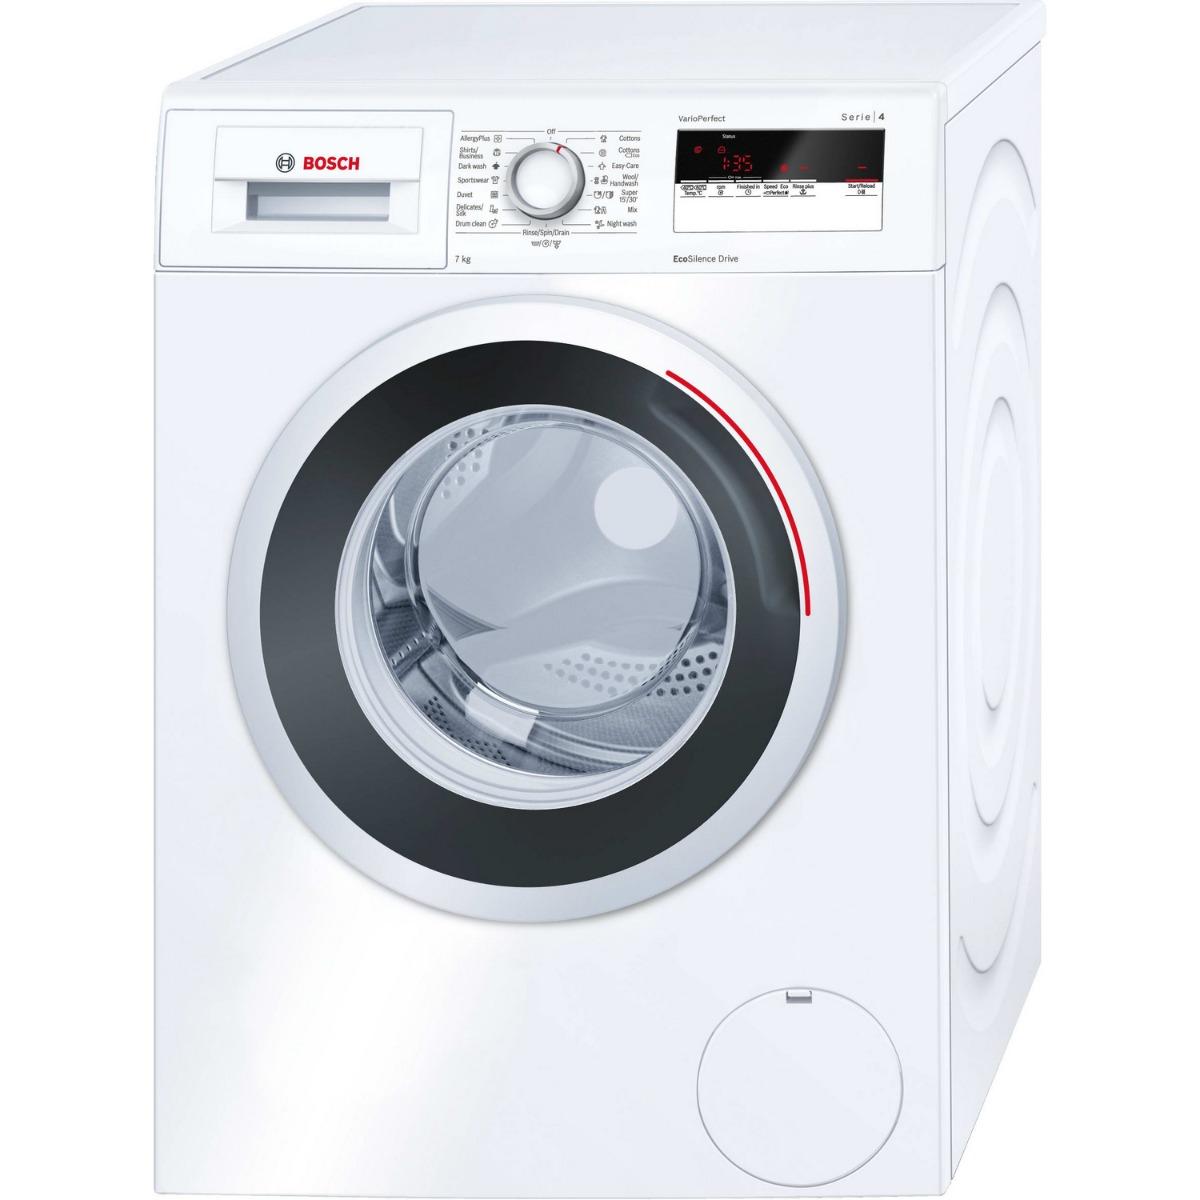 เครื่องซักผ้าฝาหน้า (7 kg) รุ่น WAN24160TH